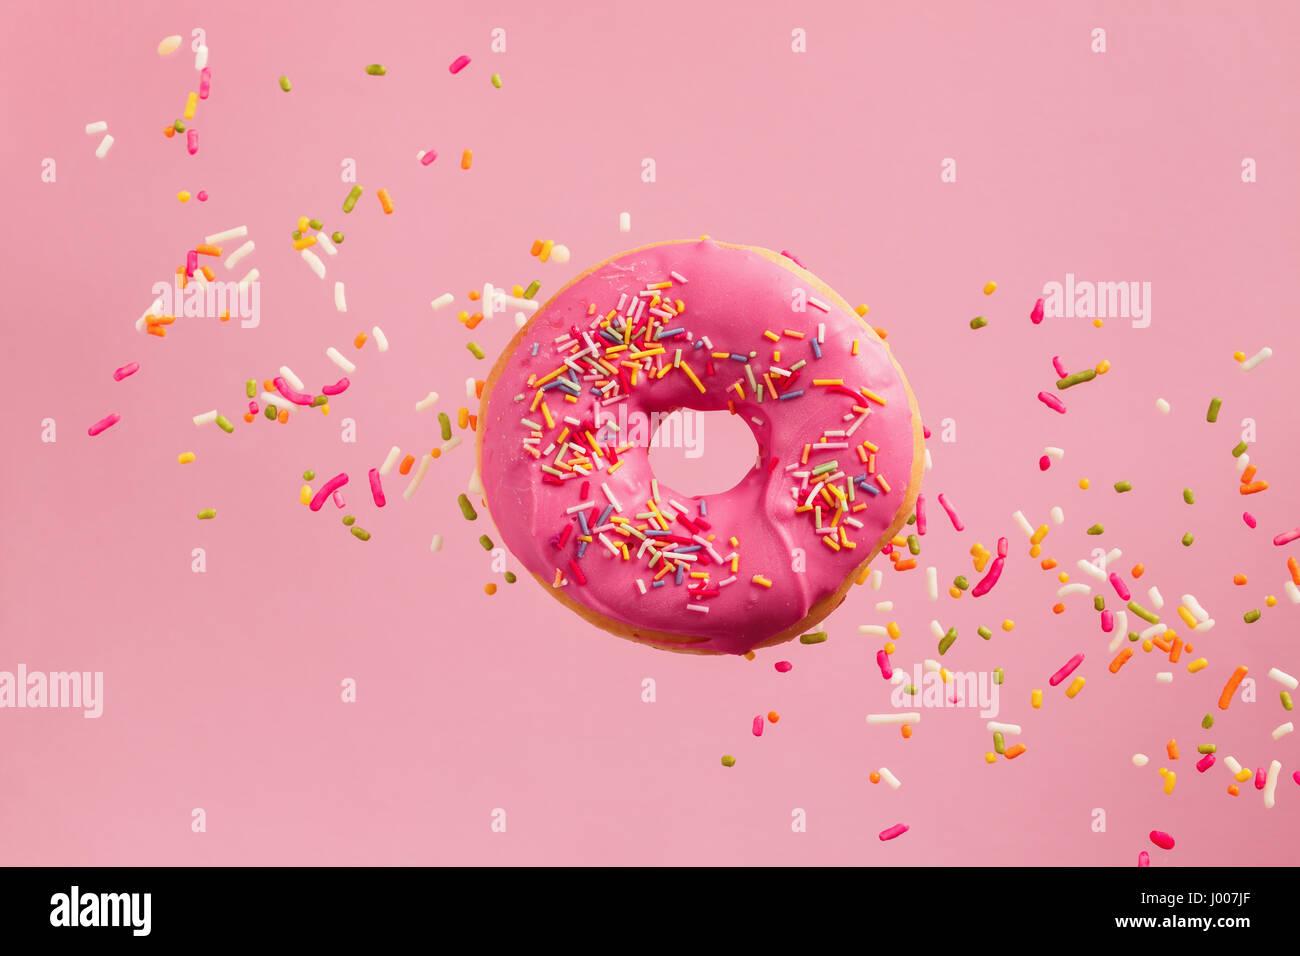 Sprinkled Pink Donut. Pink frosted sprinkled donut on pink background. - Stock Image